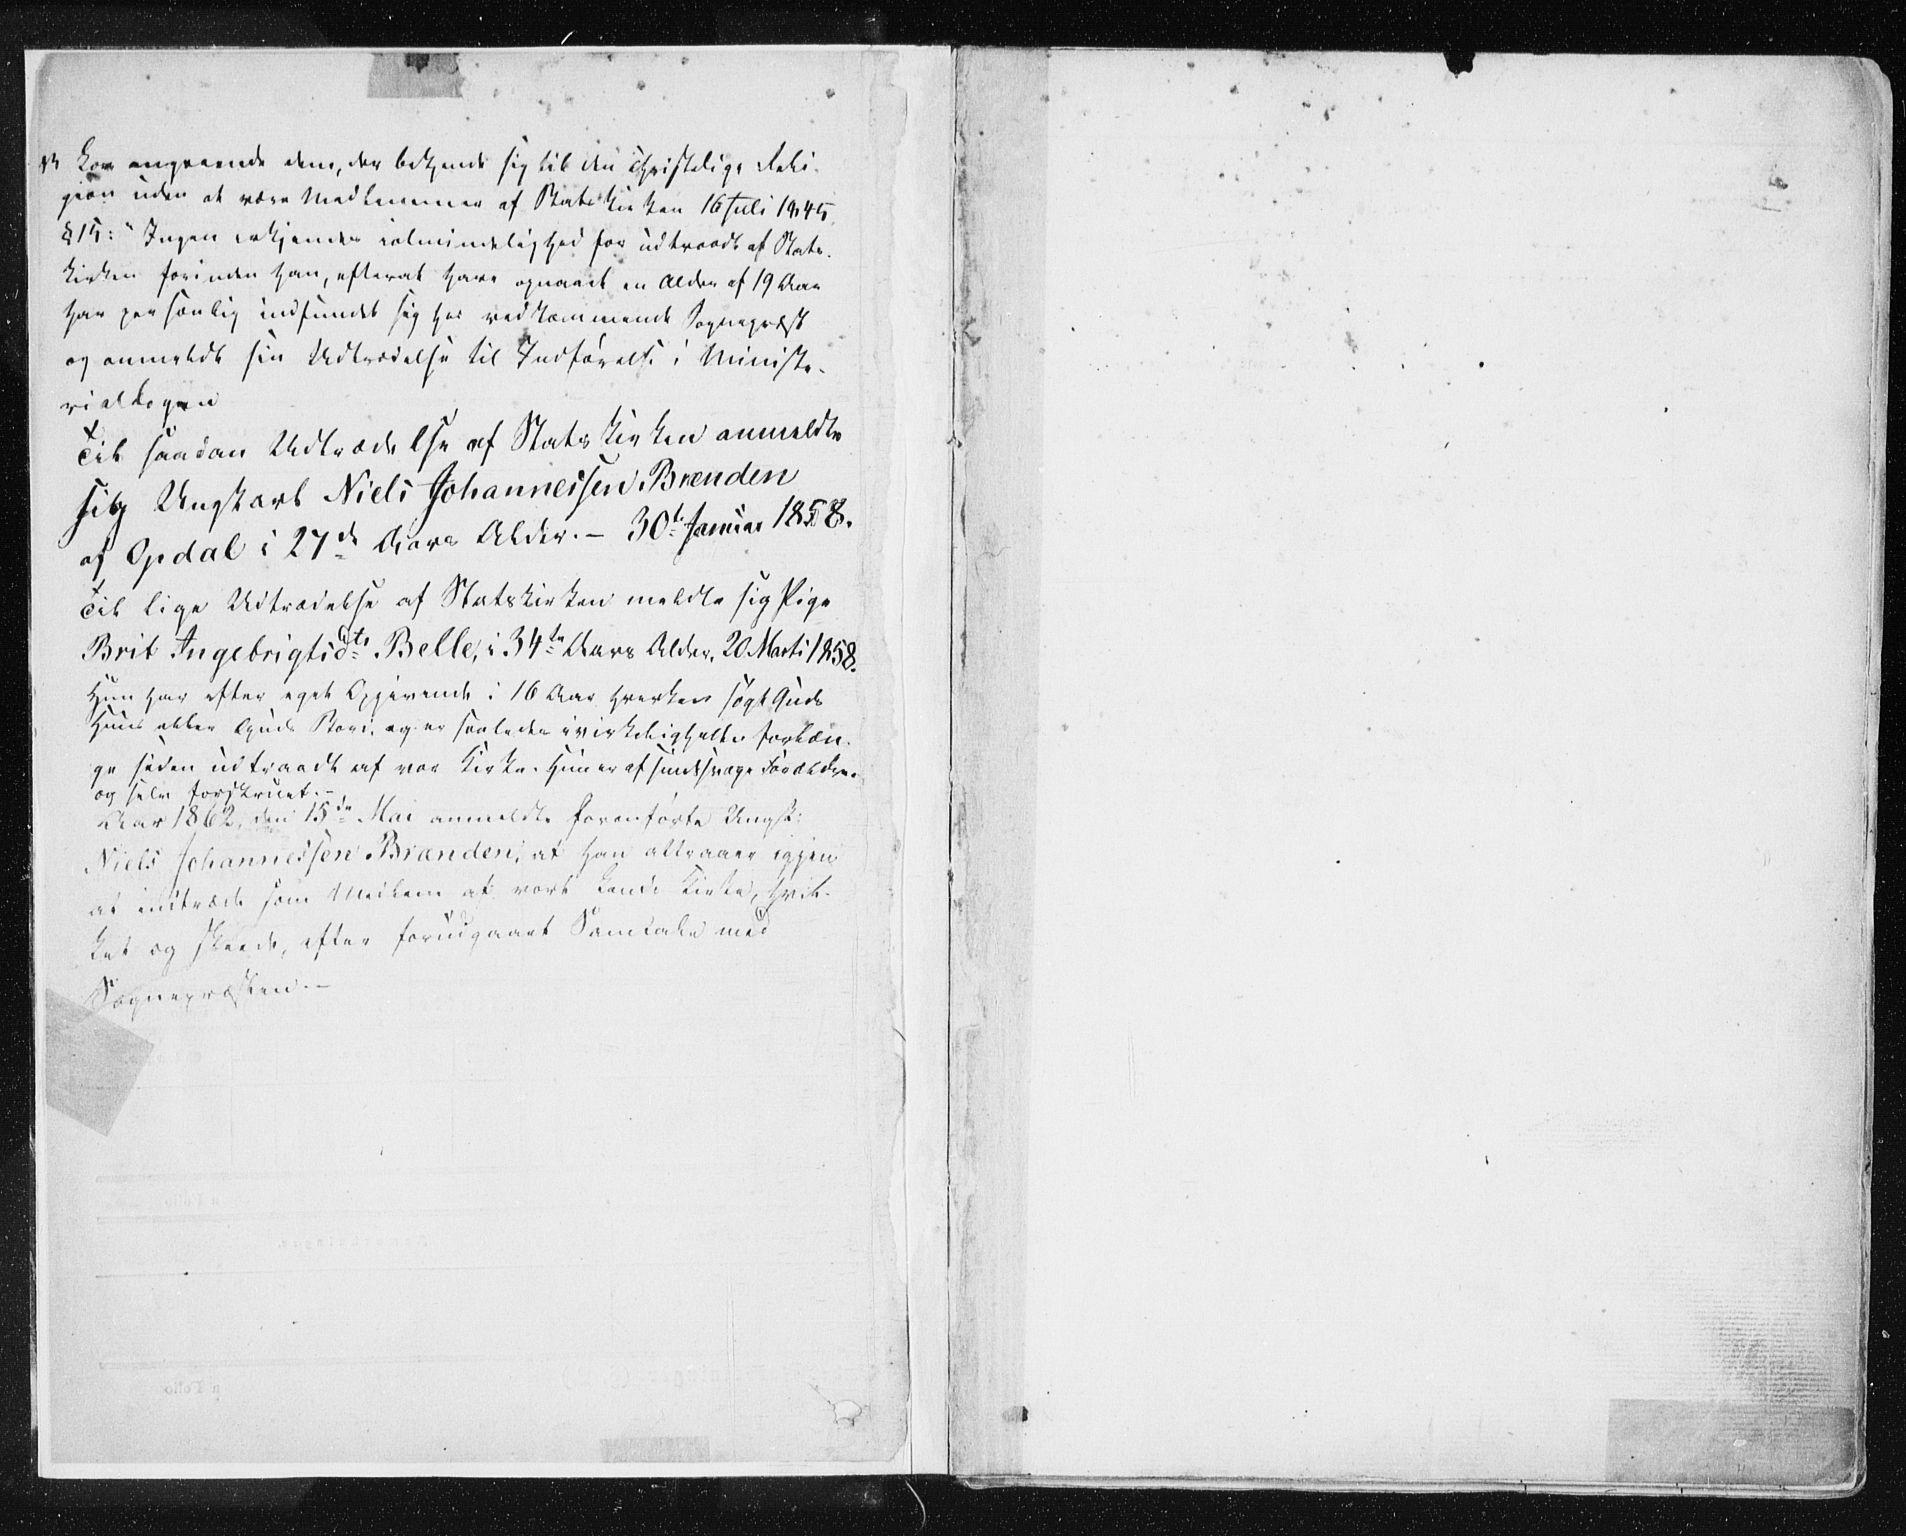 SAT, Ministerialprotokoller, klokkerbøker og fødselsregistre - Sør-Trøndelag, 678/L0899: Ministerialbok nr. 678A08, 1848-1872